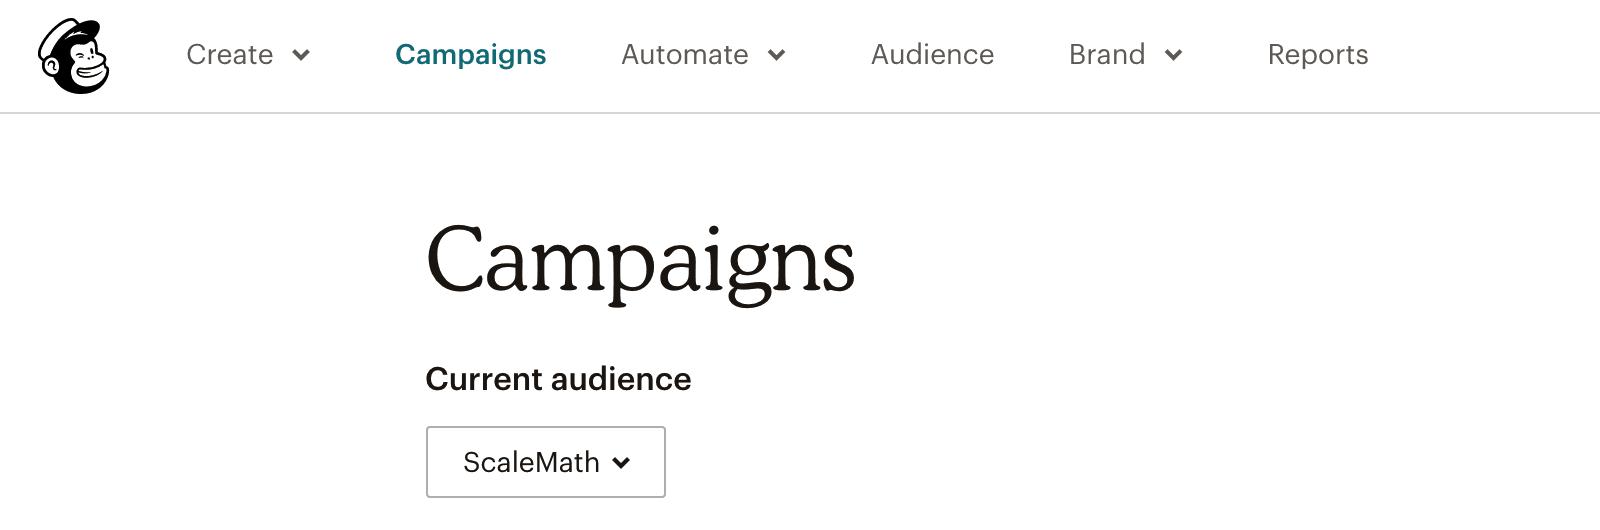 mailchimp-campaigns-broadcast-equivelant